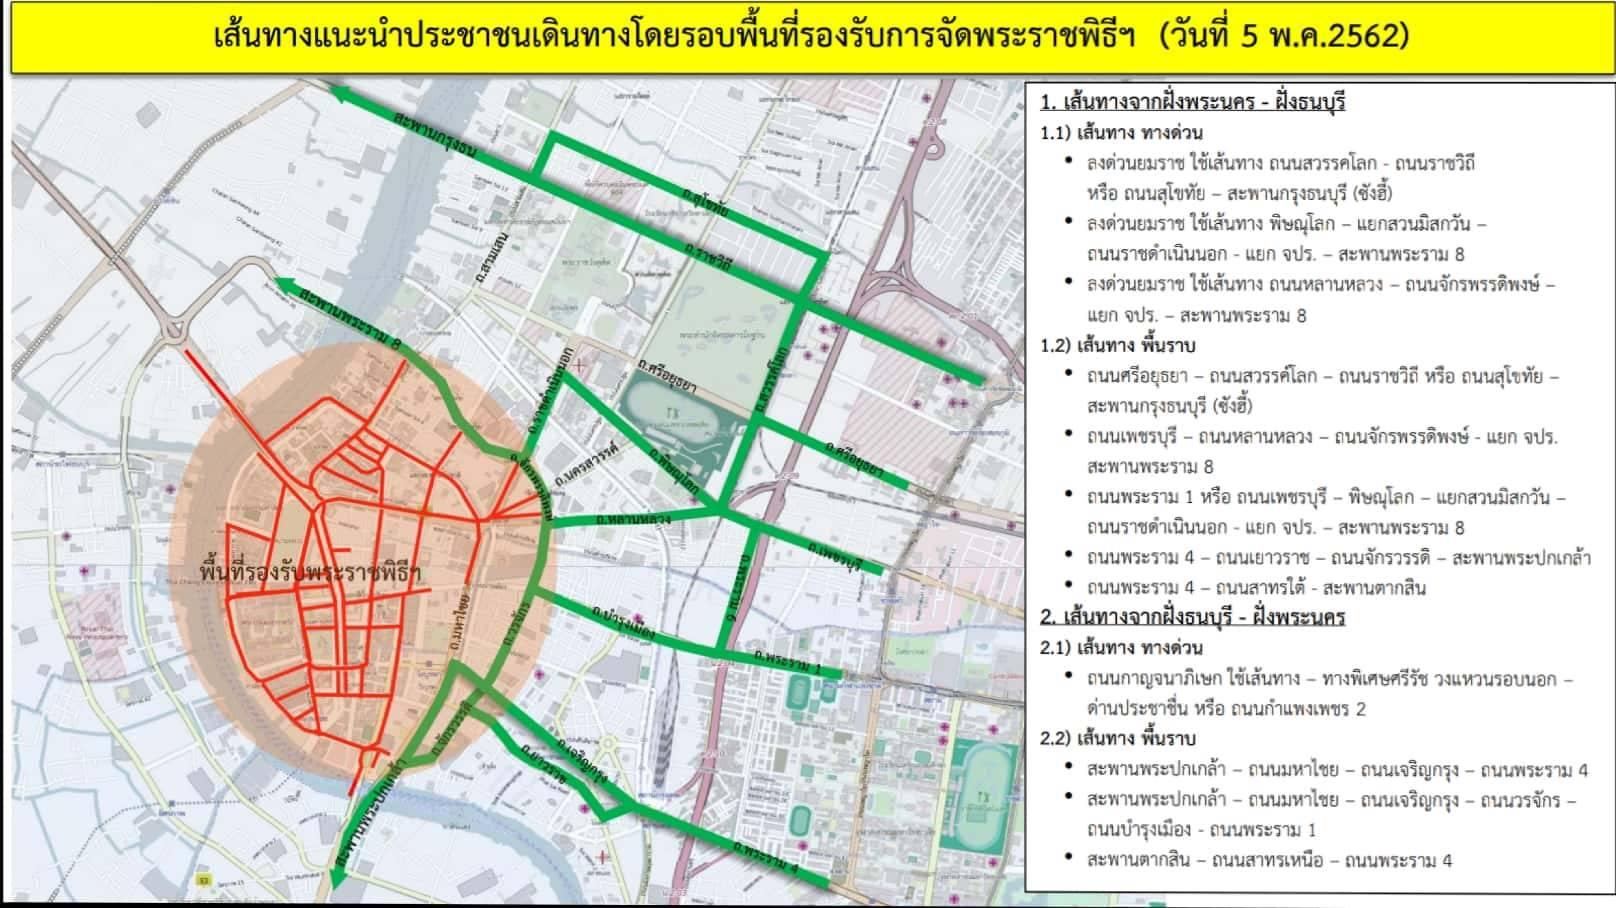 เส้นทางแนะนำประชาชนเดินทางโดยรอบพื้นที่รองรับการจัดพระราชพิธี (วันที่ 5 พ.ค.62)